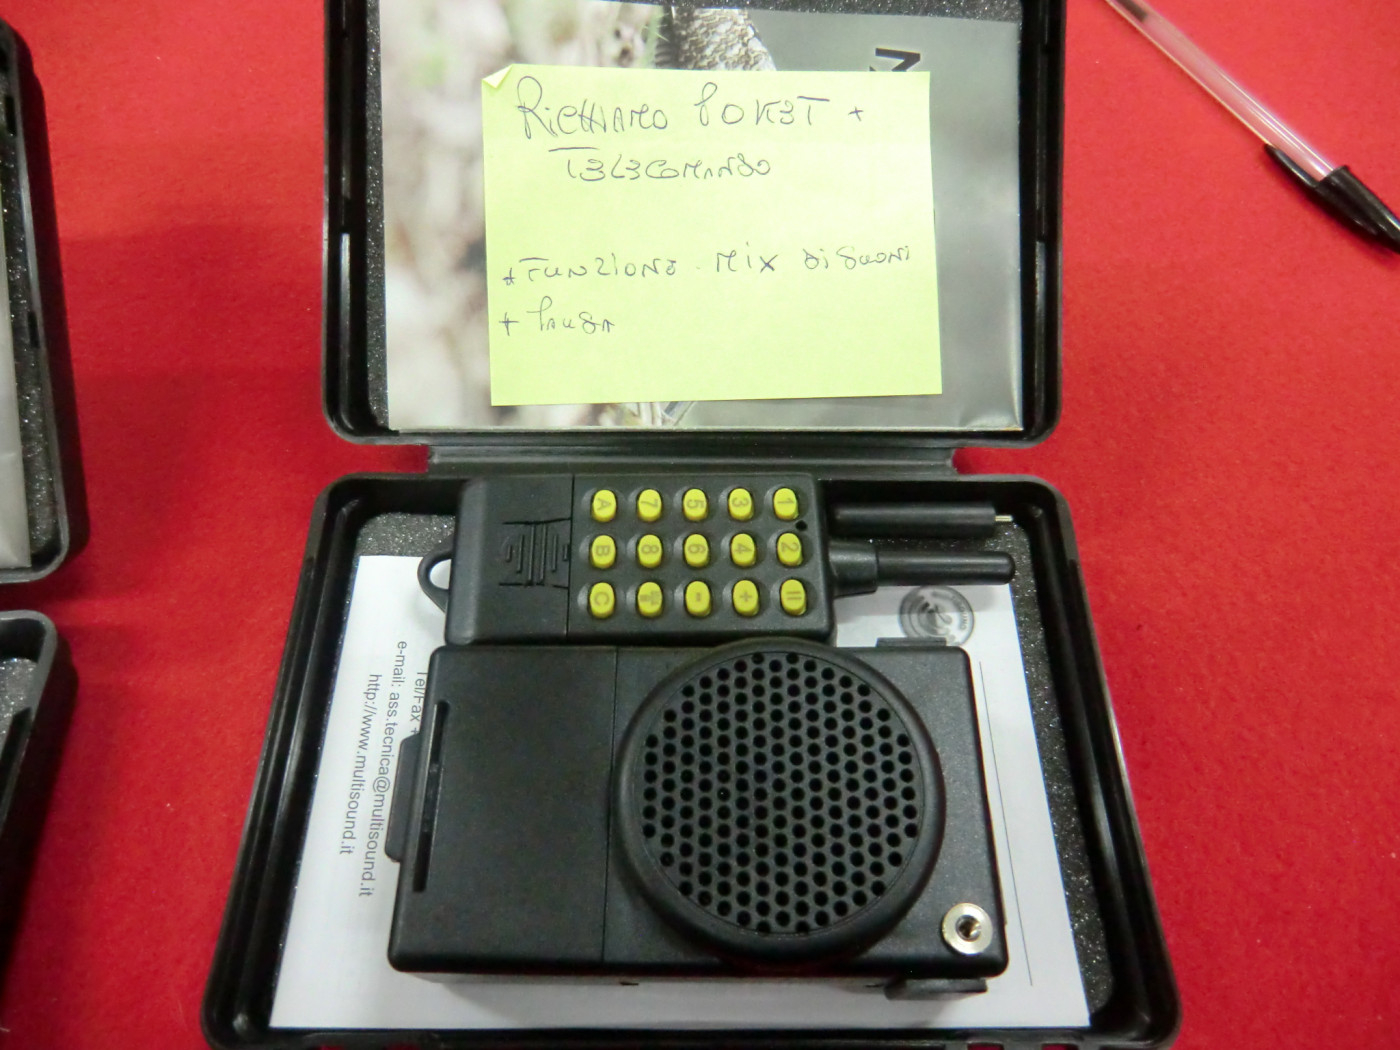 Richiami MultiSound 8 canti con telecomando perfetto per la piccola migratoria